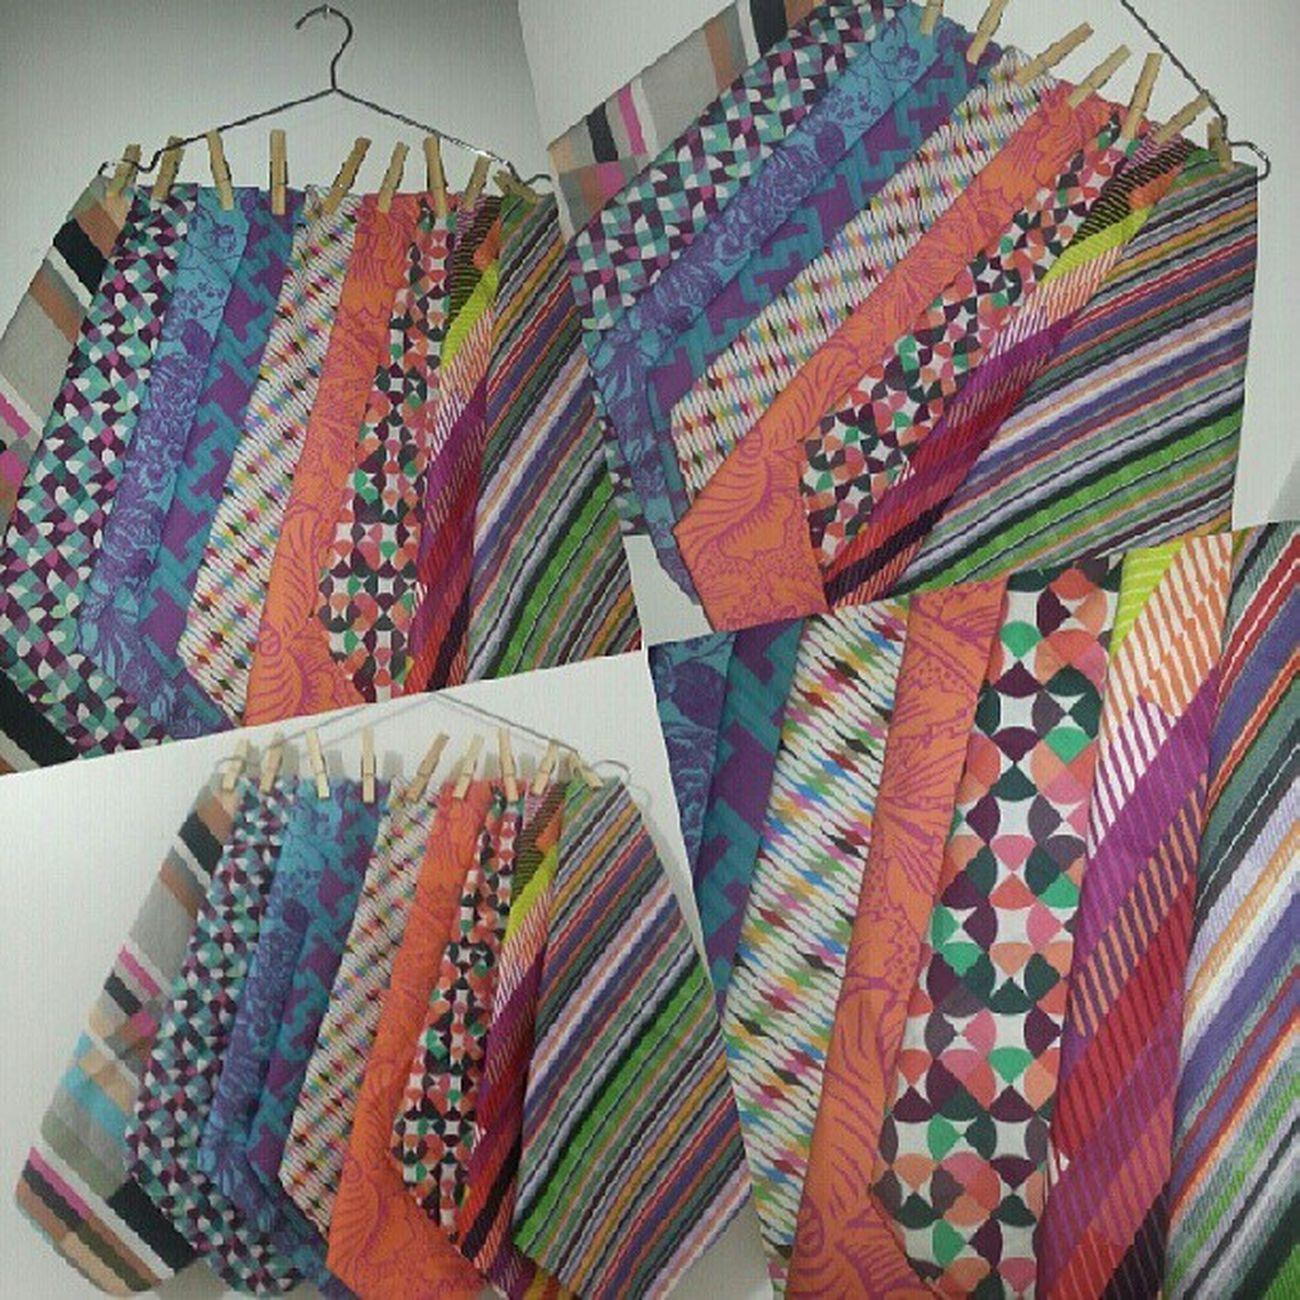 Estampas Tudocolorido Trazboasvibra ções Alegram colormix fazbonito nacasadaVivix